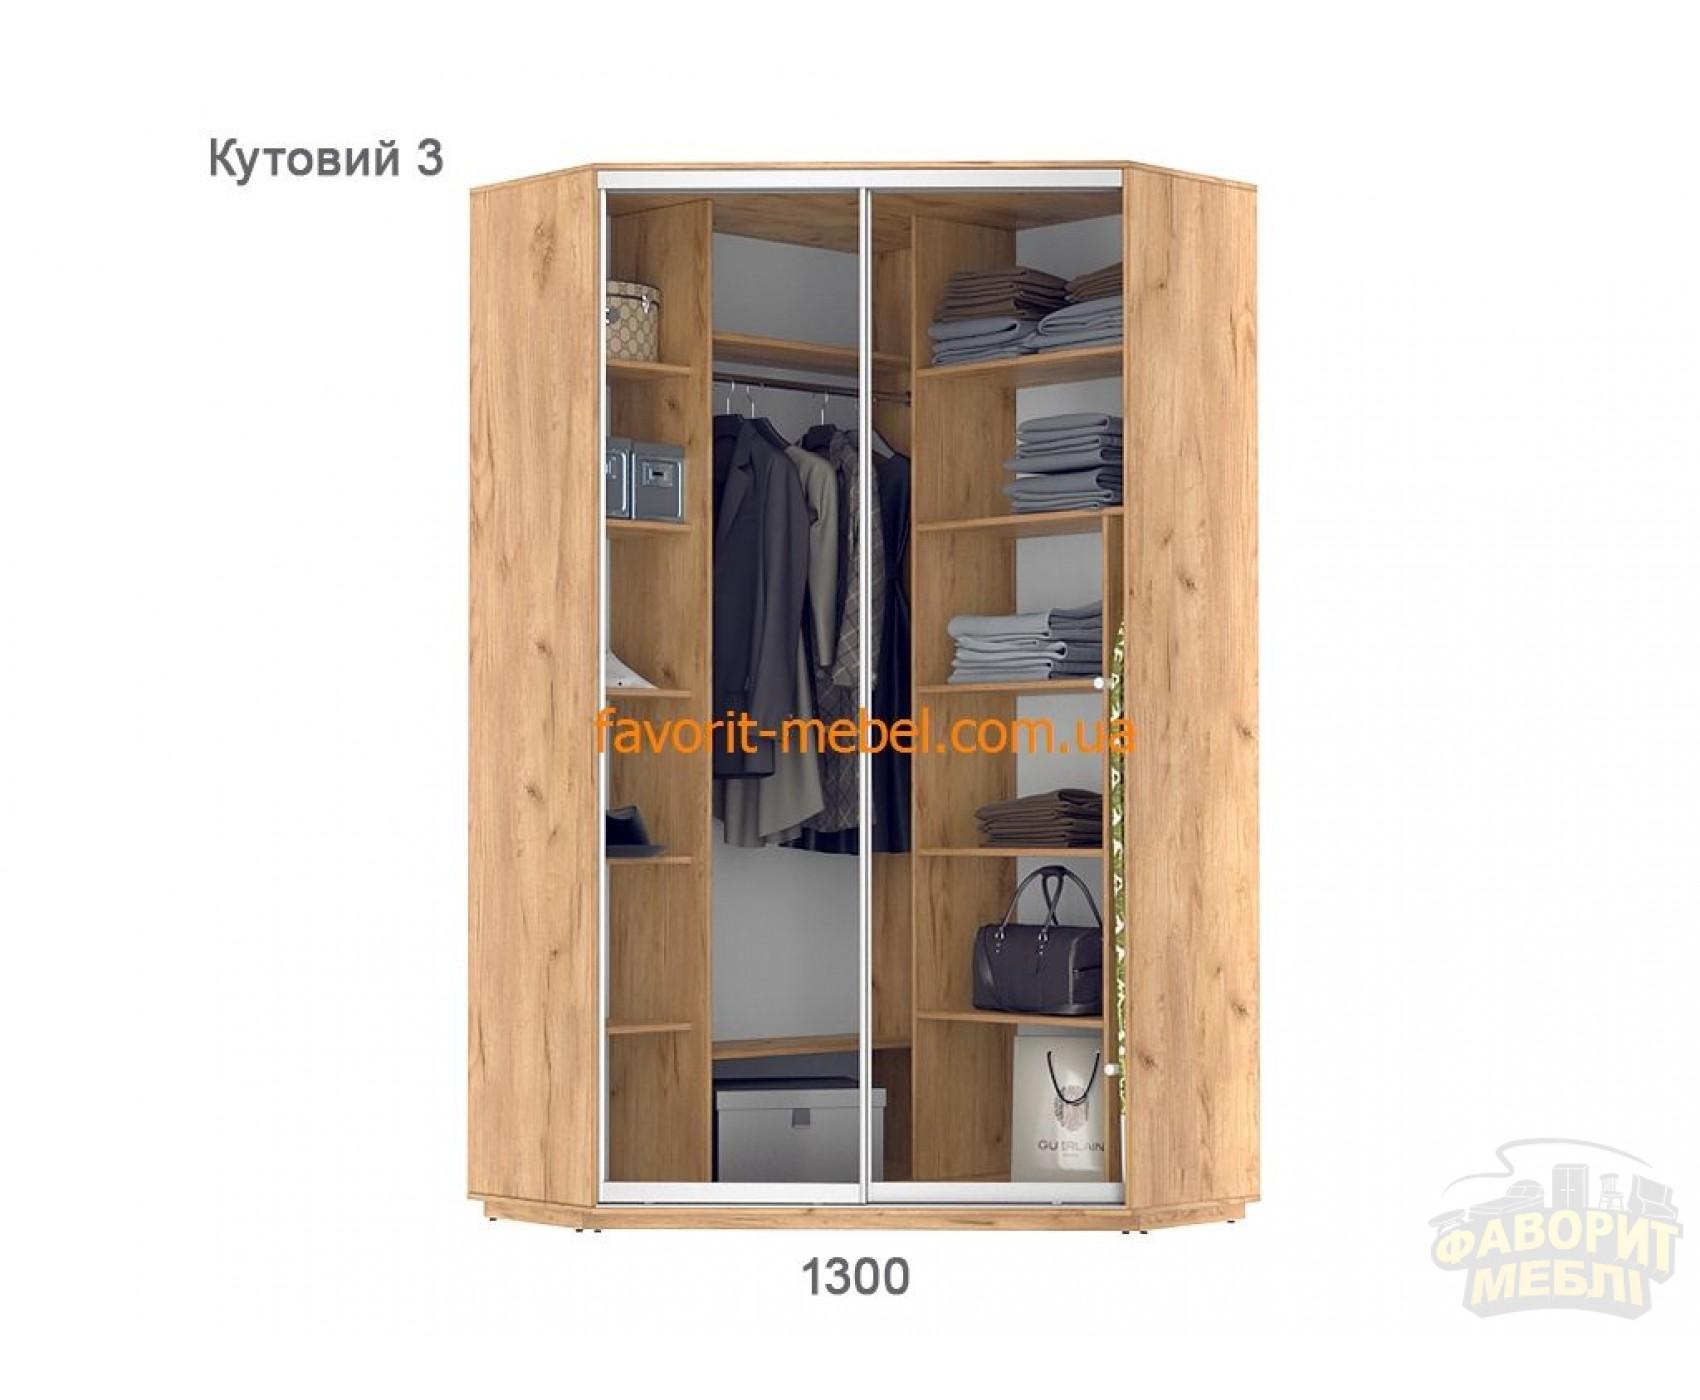 Шкаф купе Практик угловой 3 (130х130х240 см)